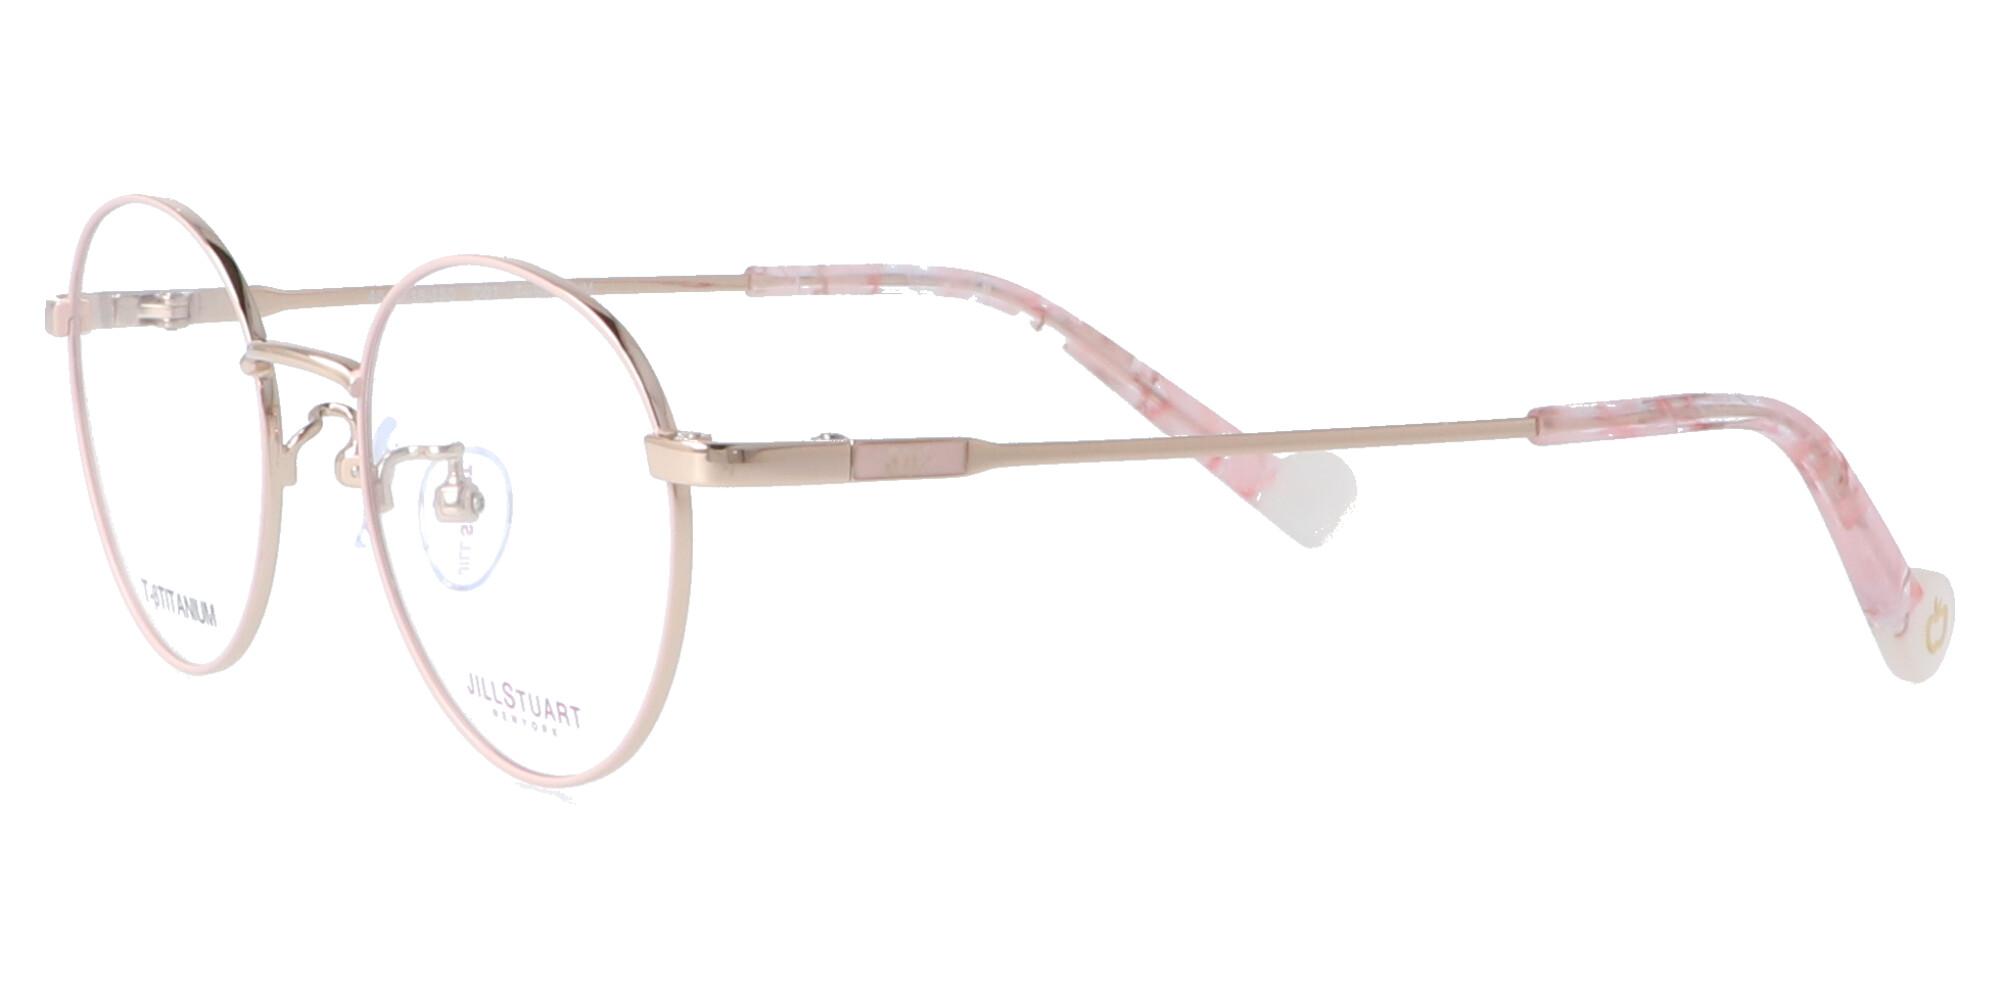 ジルスチュアート 04-0050_46_ライトゴールド・ピンク